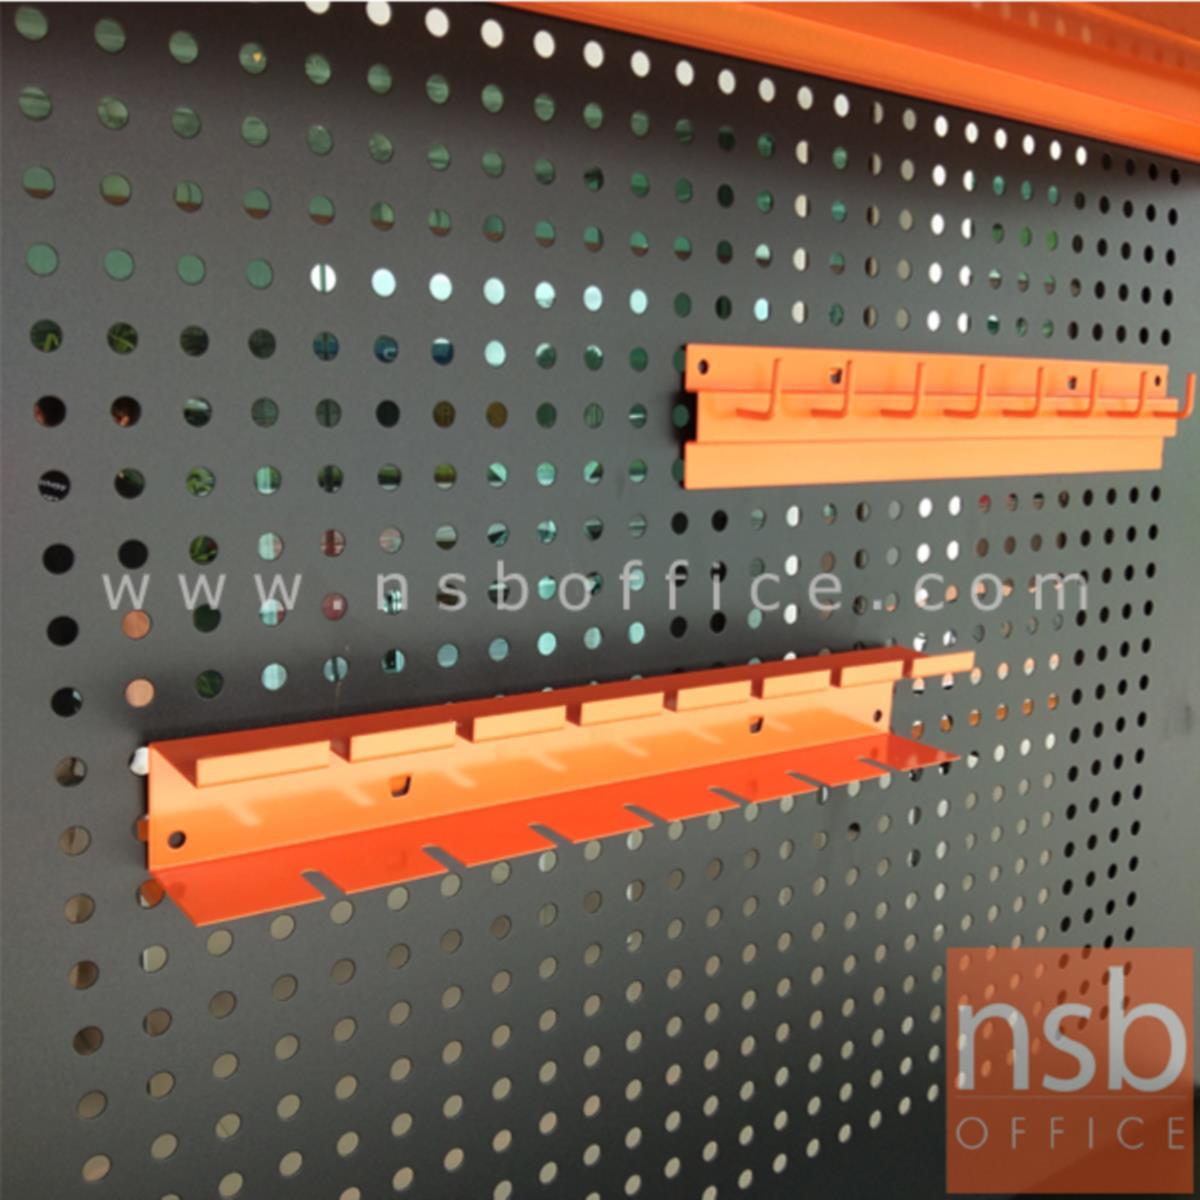 E09A018:ที่แขวนเครื่องมือช่าง ผลิตสีส้ม   (ไขควง ประแจ)